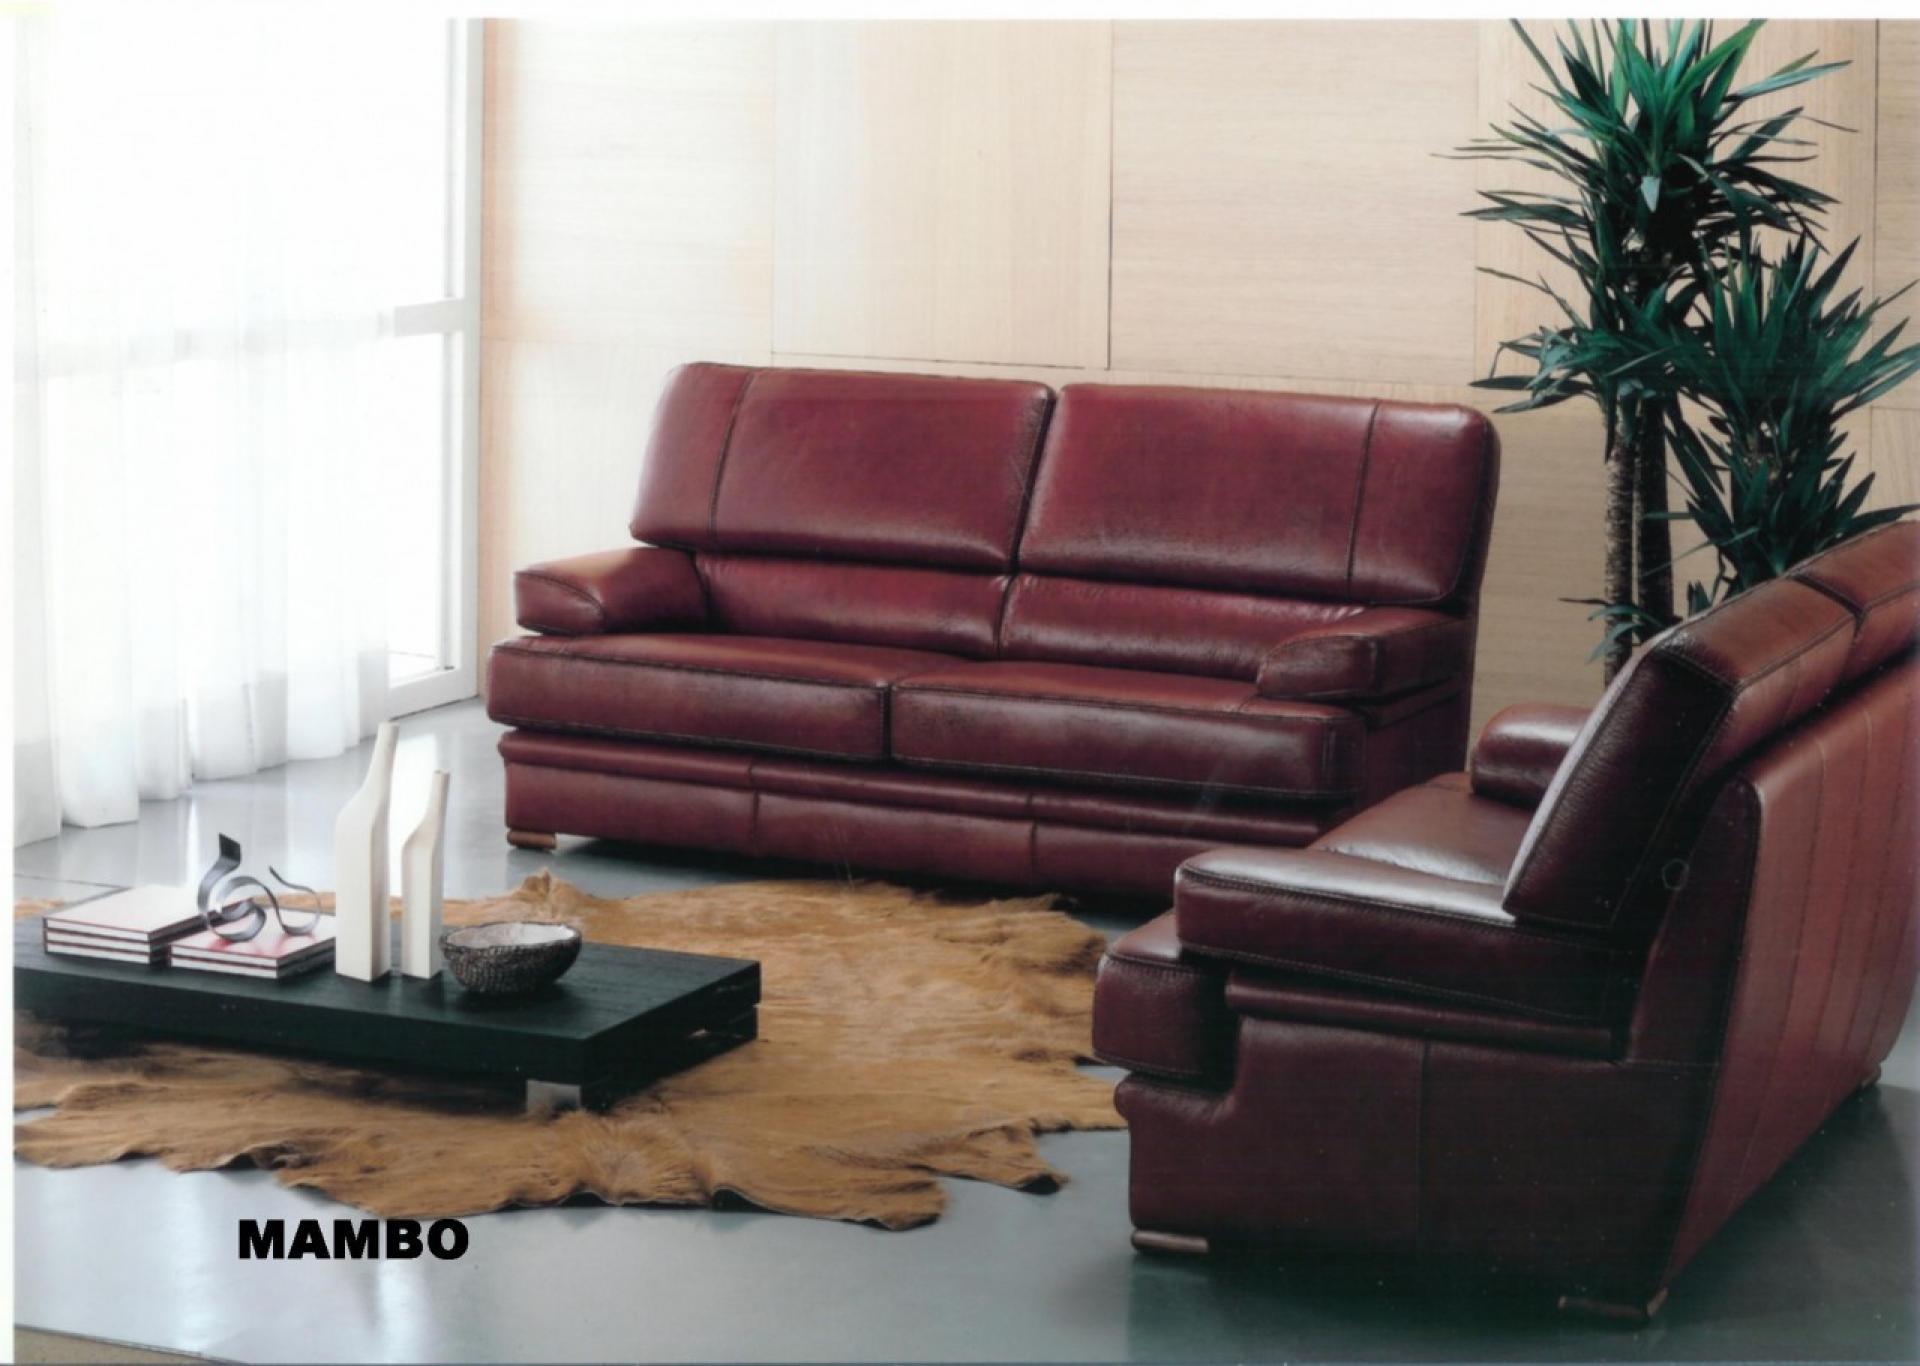 canape cuir design haut de gamme 28 images canape italien design haut de gamme photos canap. Black Bedroom Furniture Sets. Home Design Ideas